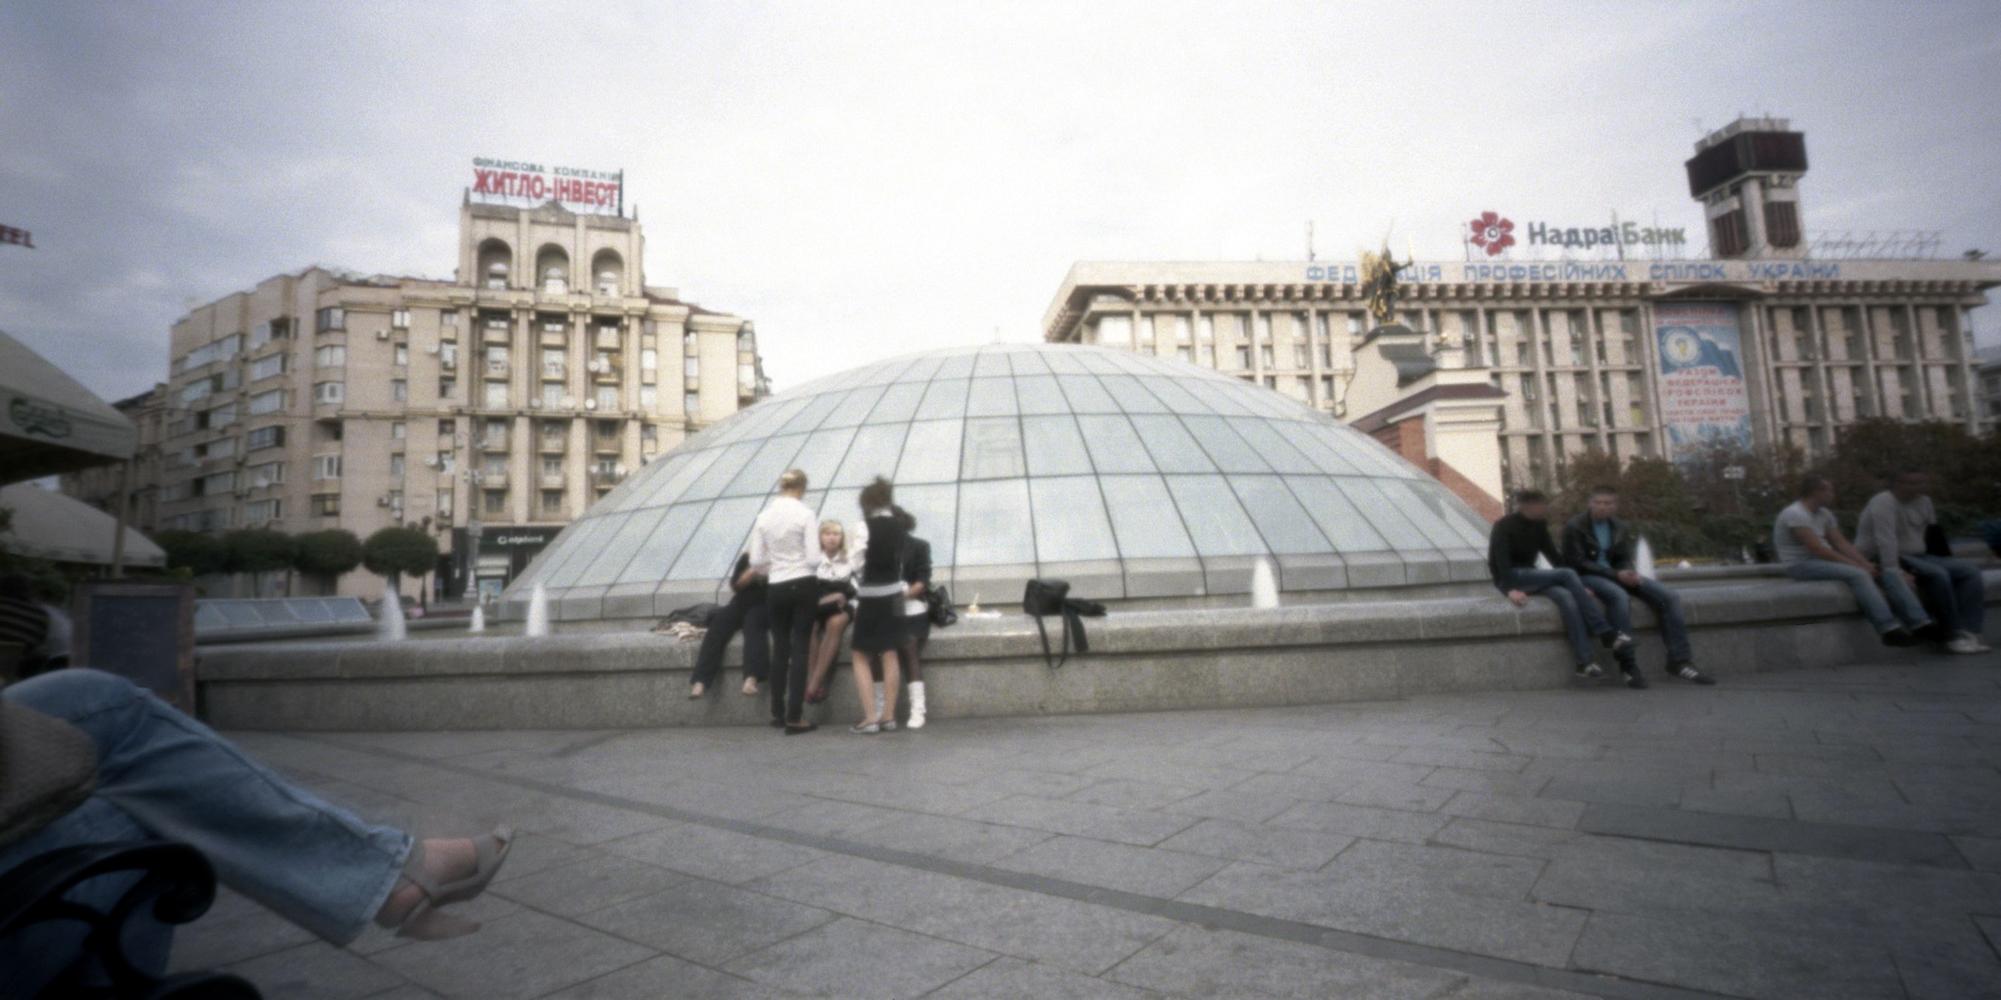 Independece square, Kiev, Ukraine.